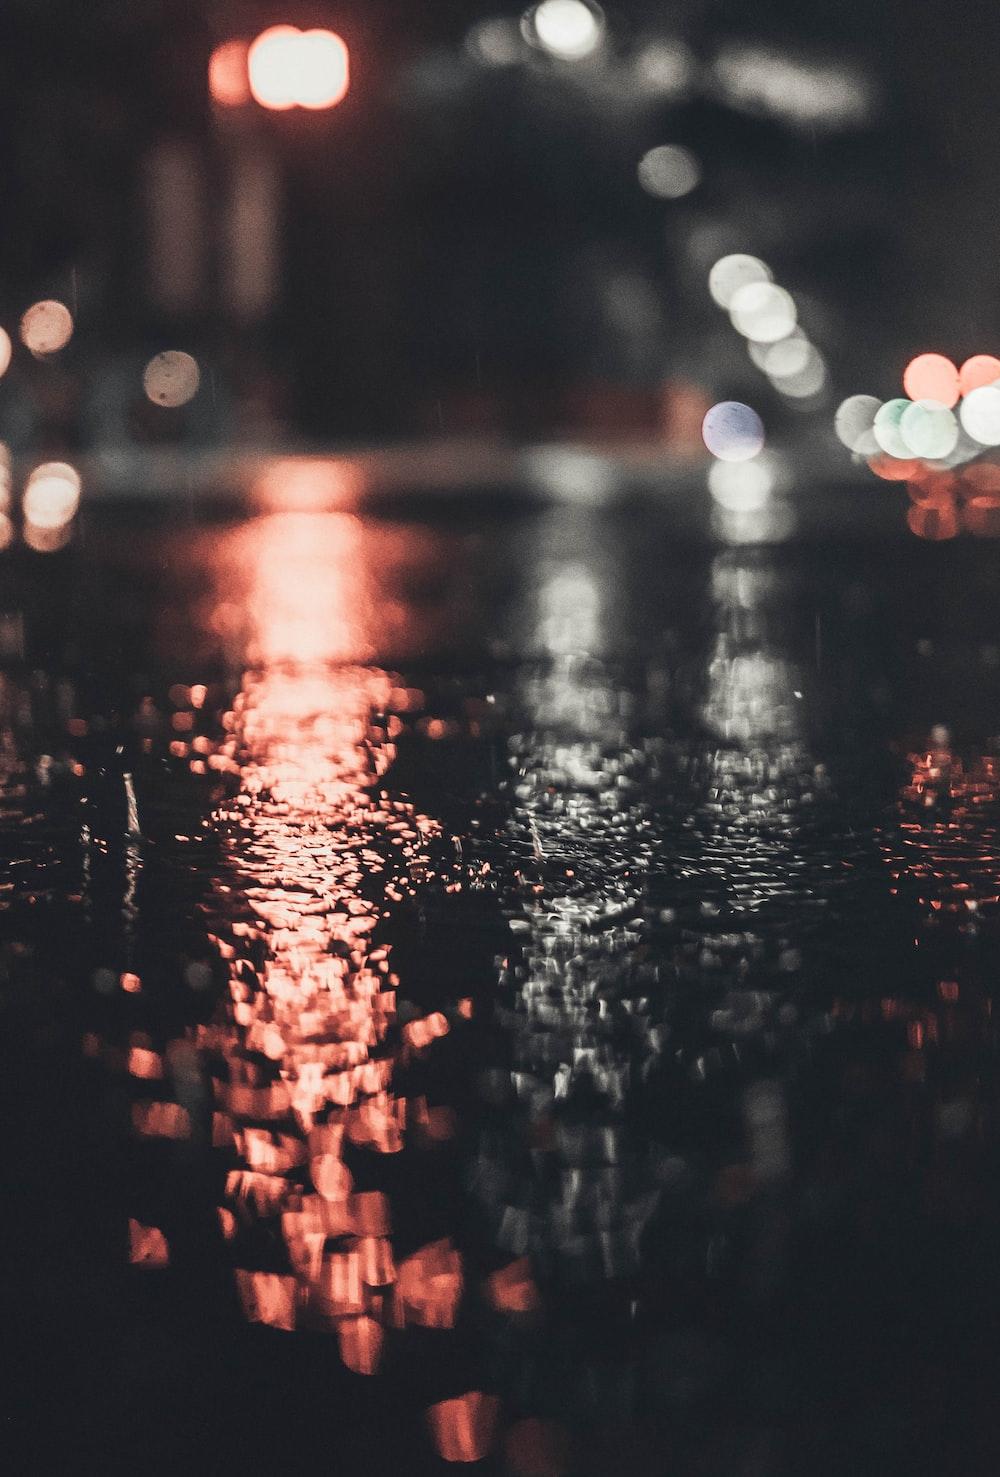 light bokeh during nighttime